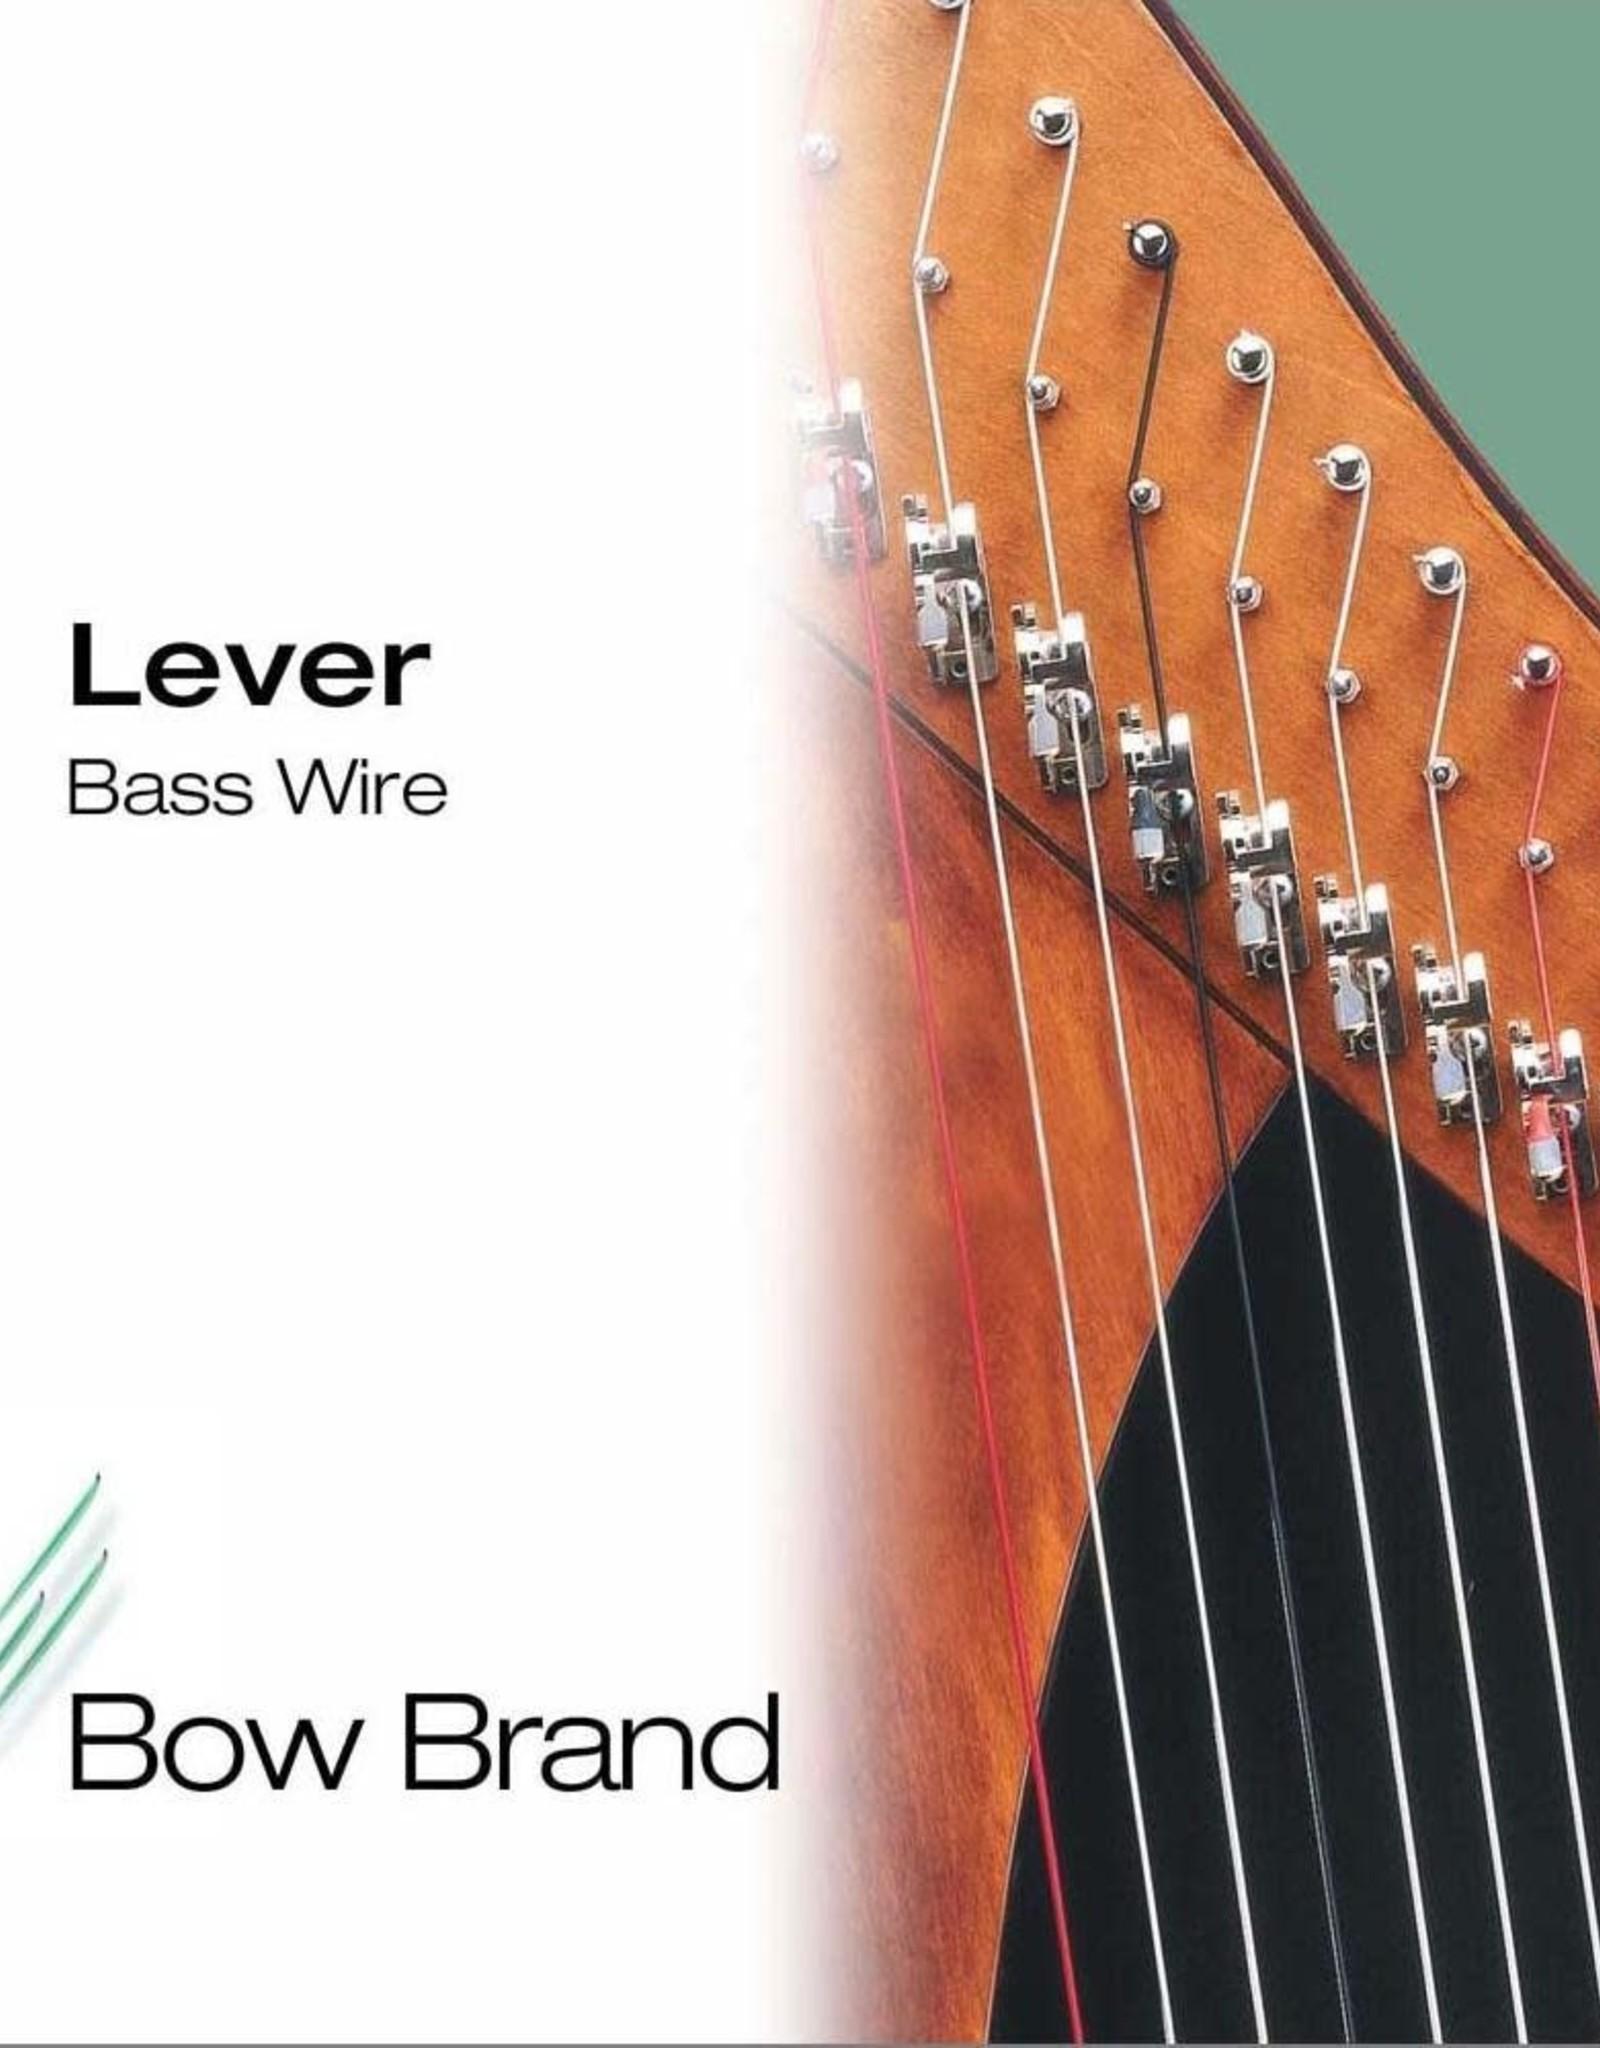 BOW BRAND  klep metaal - lever WIRE (set) - 5de octaaf - inclusief 5% korting